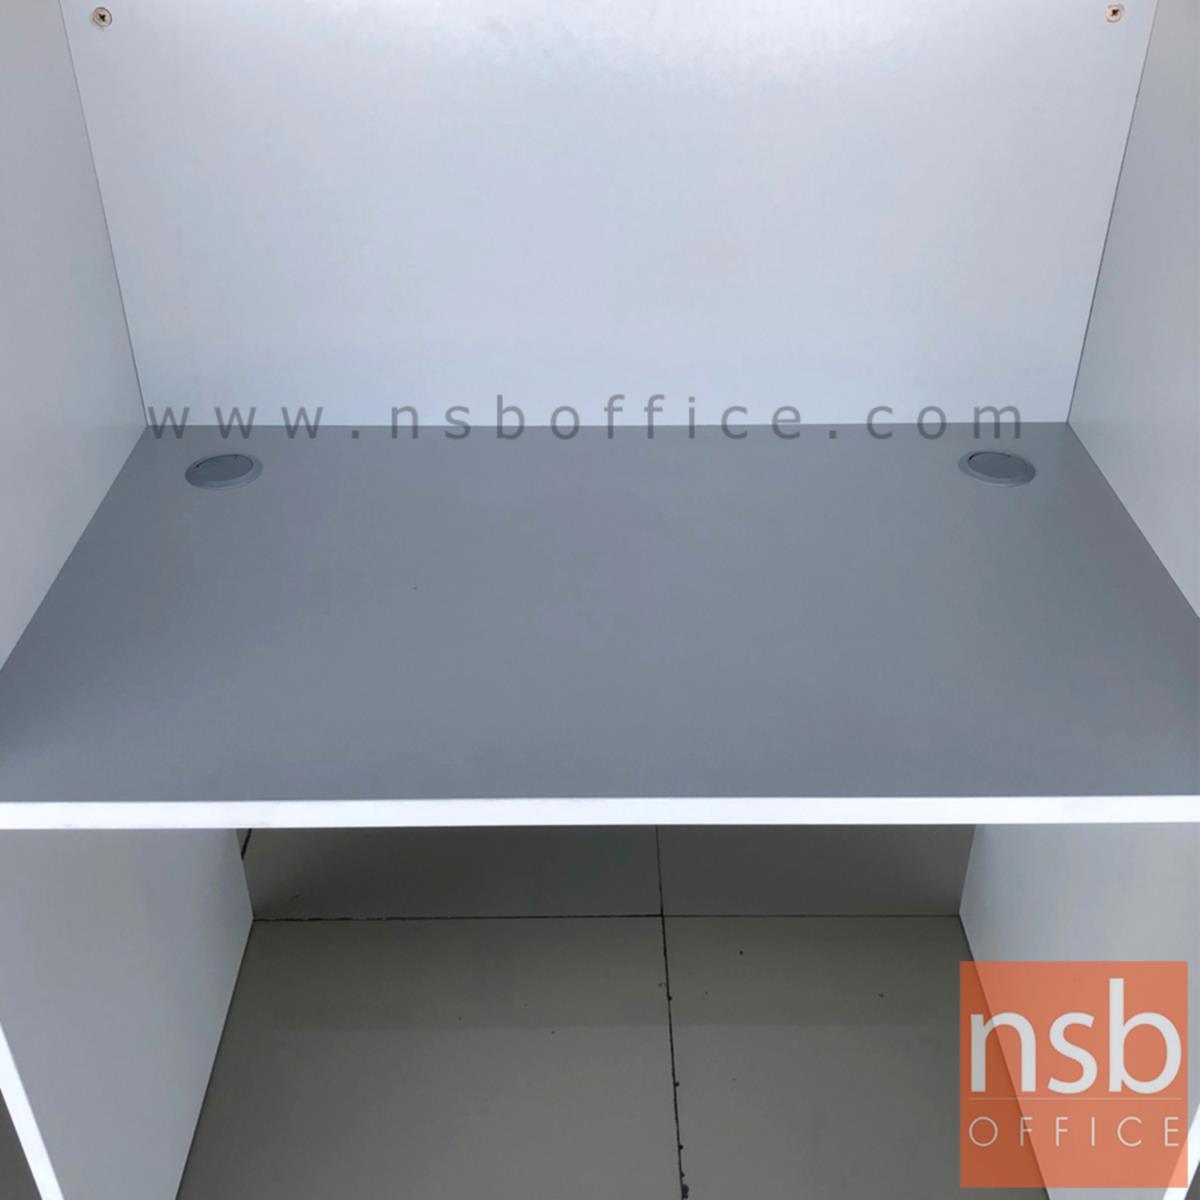 โต๊ะทำงาน  ขนาด 100W*60D cm. ผิวเมลามีน